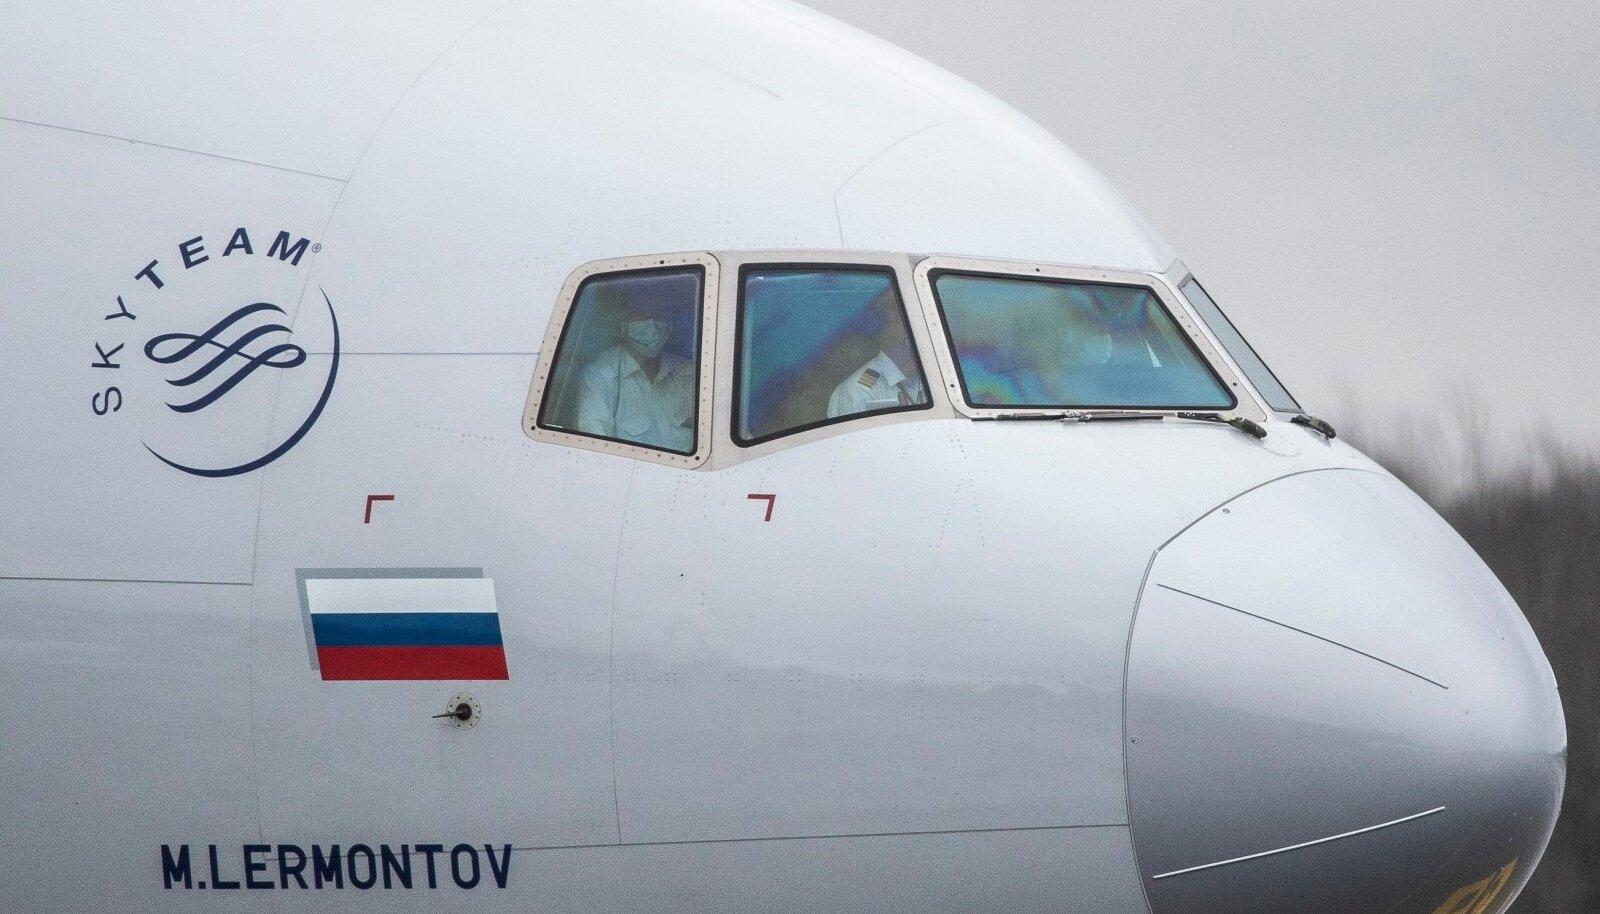 Aeroflot maandus 16.04.2020